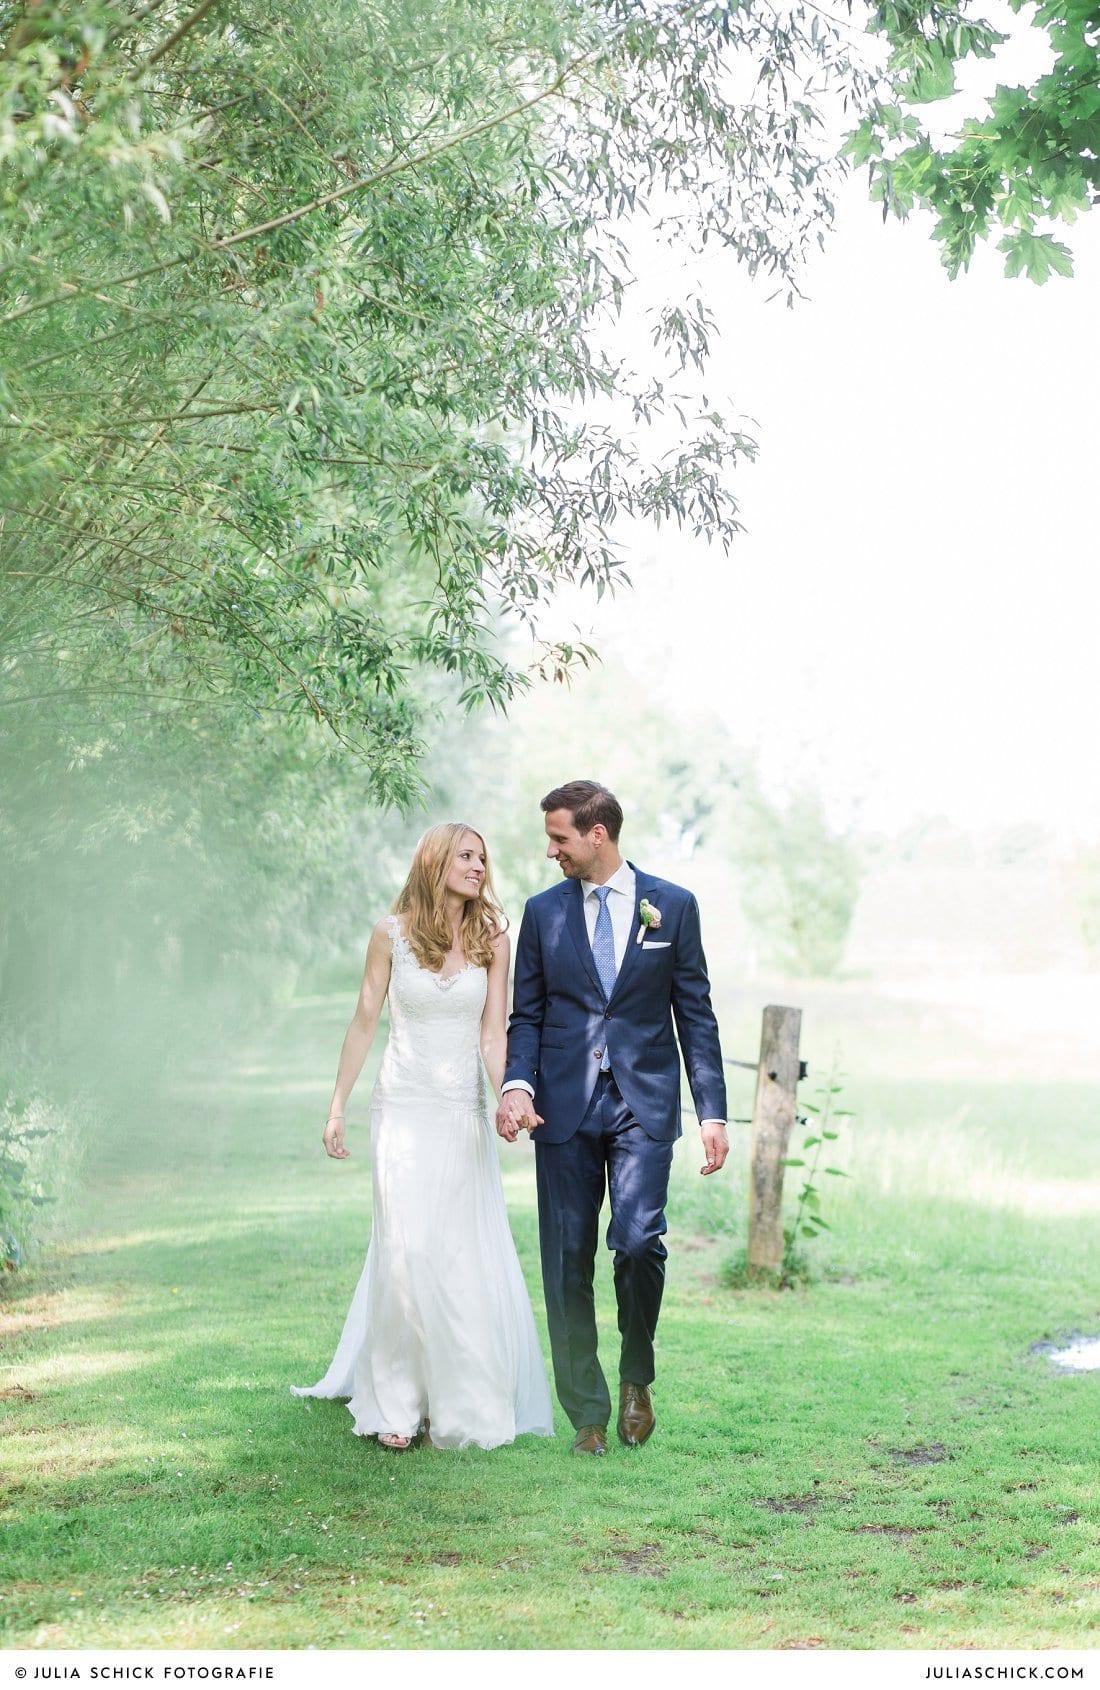 Braut in Kleid von Alla Andersen und Bräutigam an der Gaststätte Haarmühle in Ahaus Alstätte